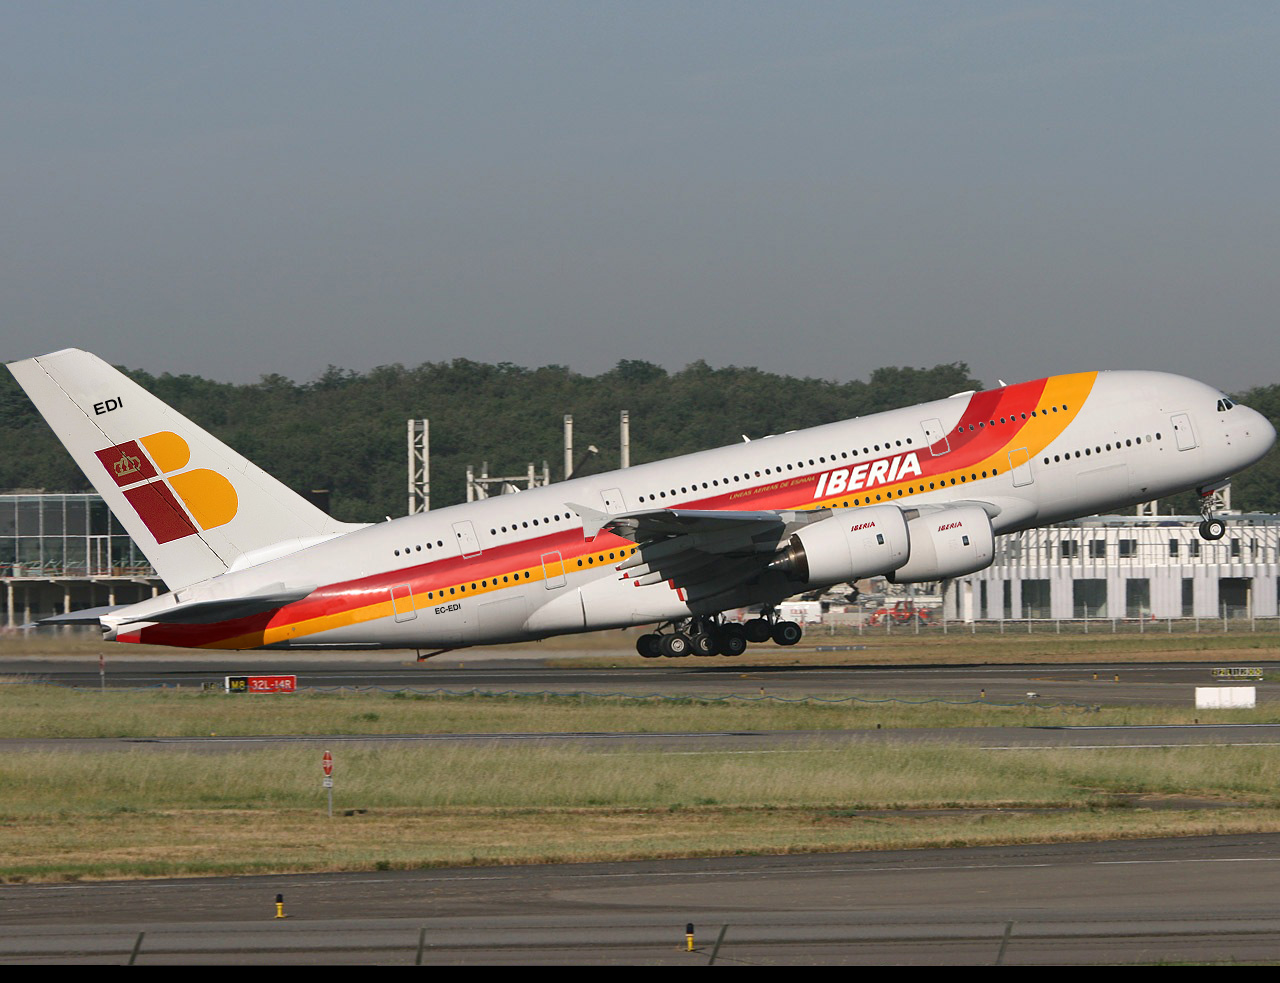 Una de las muchas ilustraciones de cómo sería un A380 de Iberia que circulan por internet.